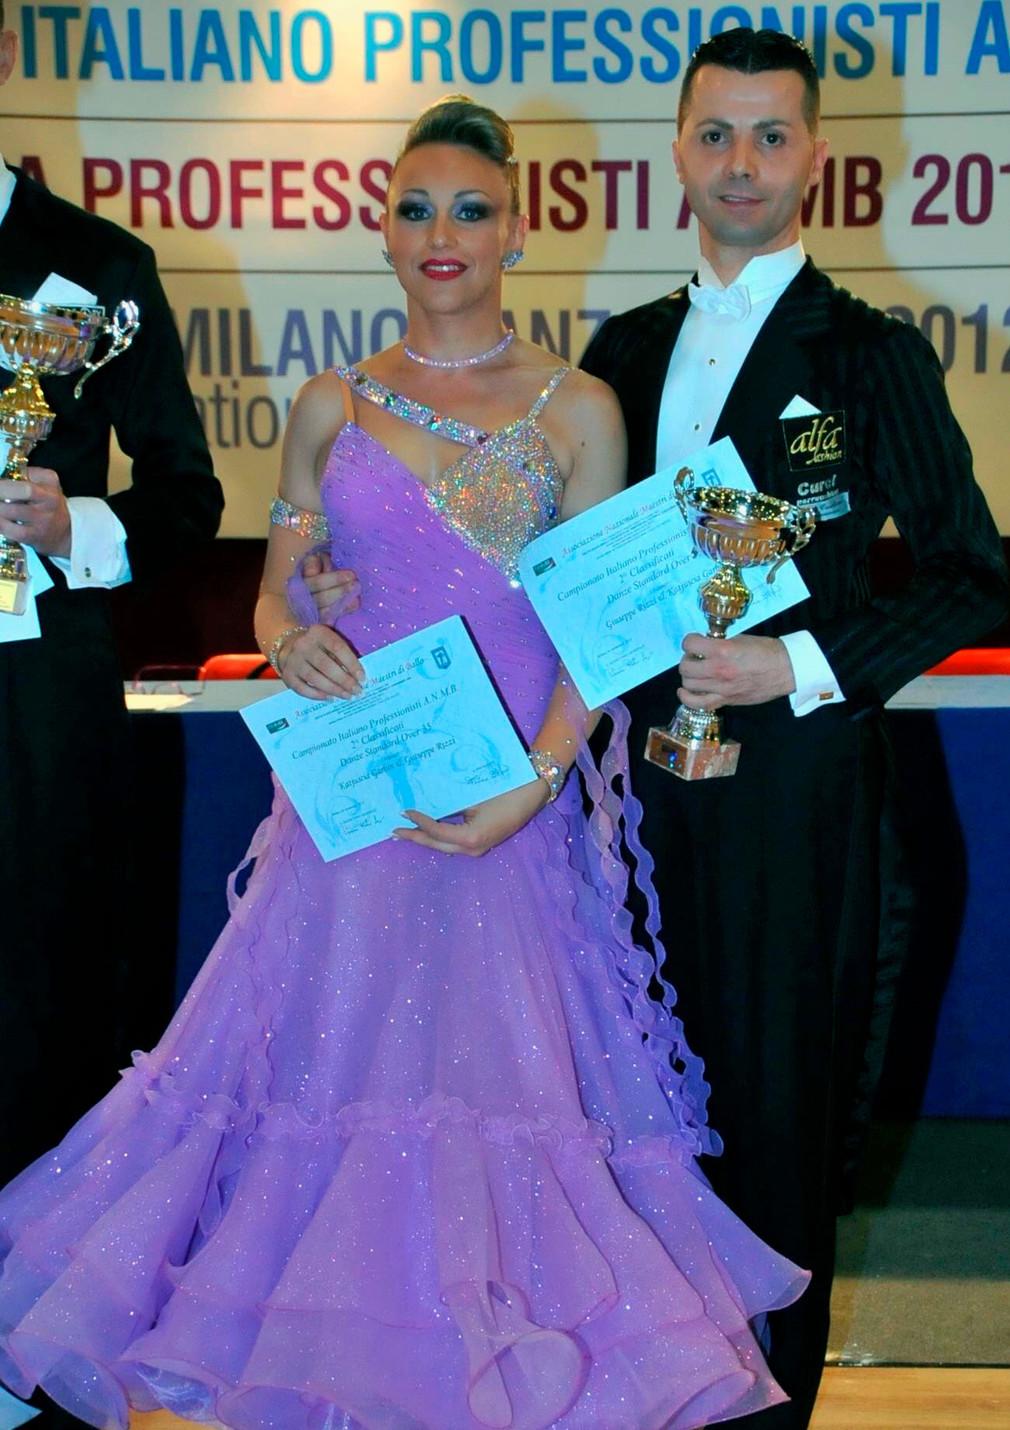 Джузеппе Риццо и Катюша Гарбин: «Мы очень горды, что сможем представлять свою нацию на Чемпионате ми